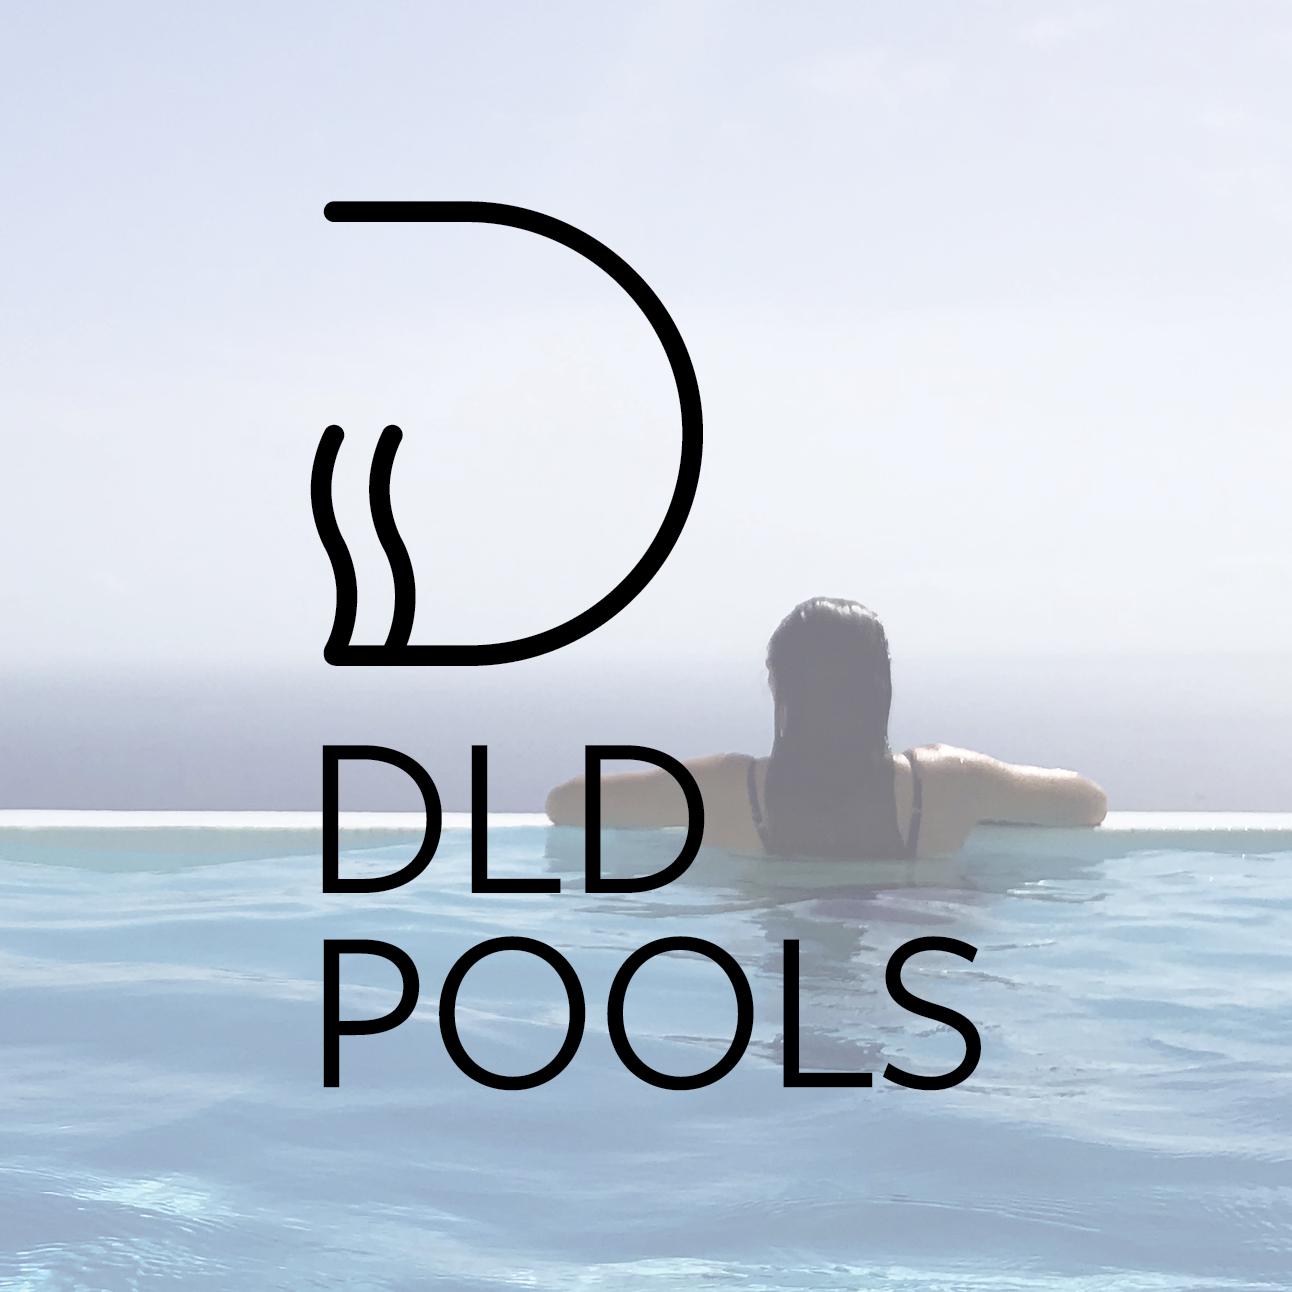 DLD pools